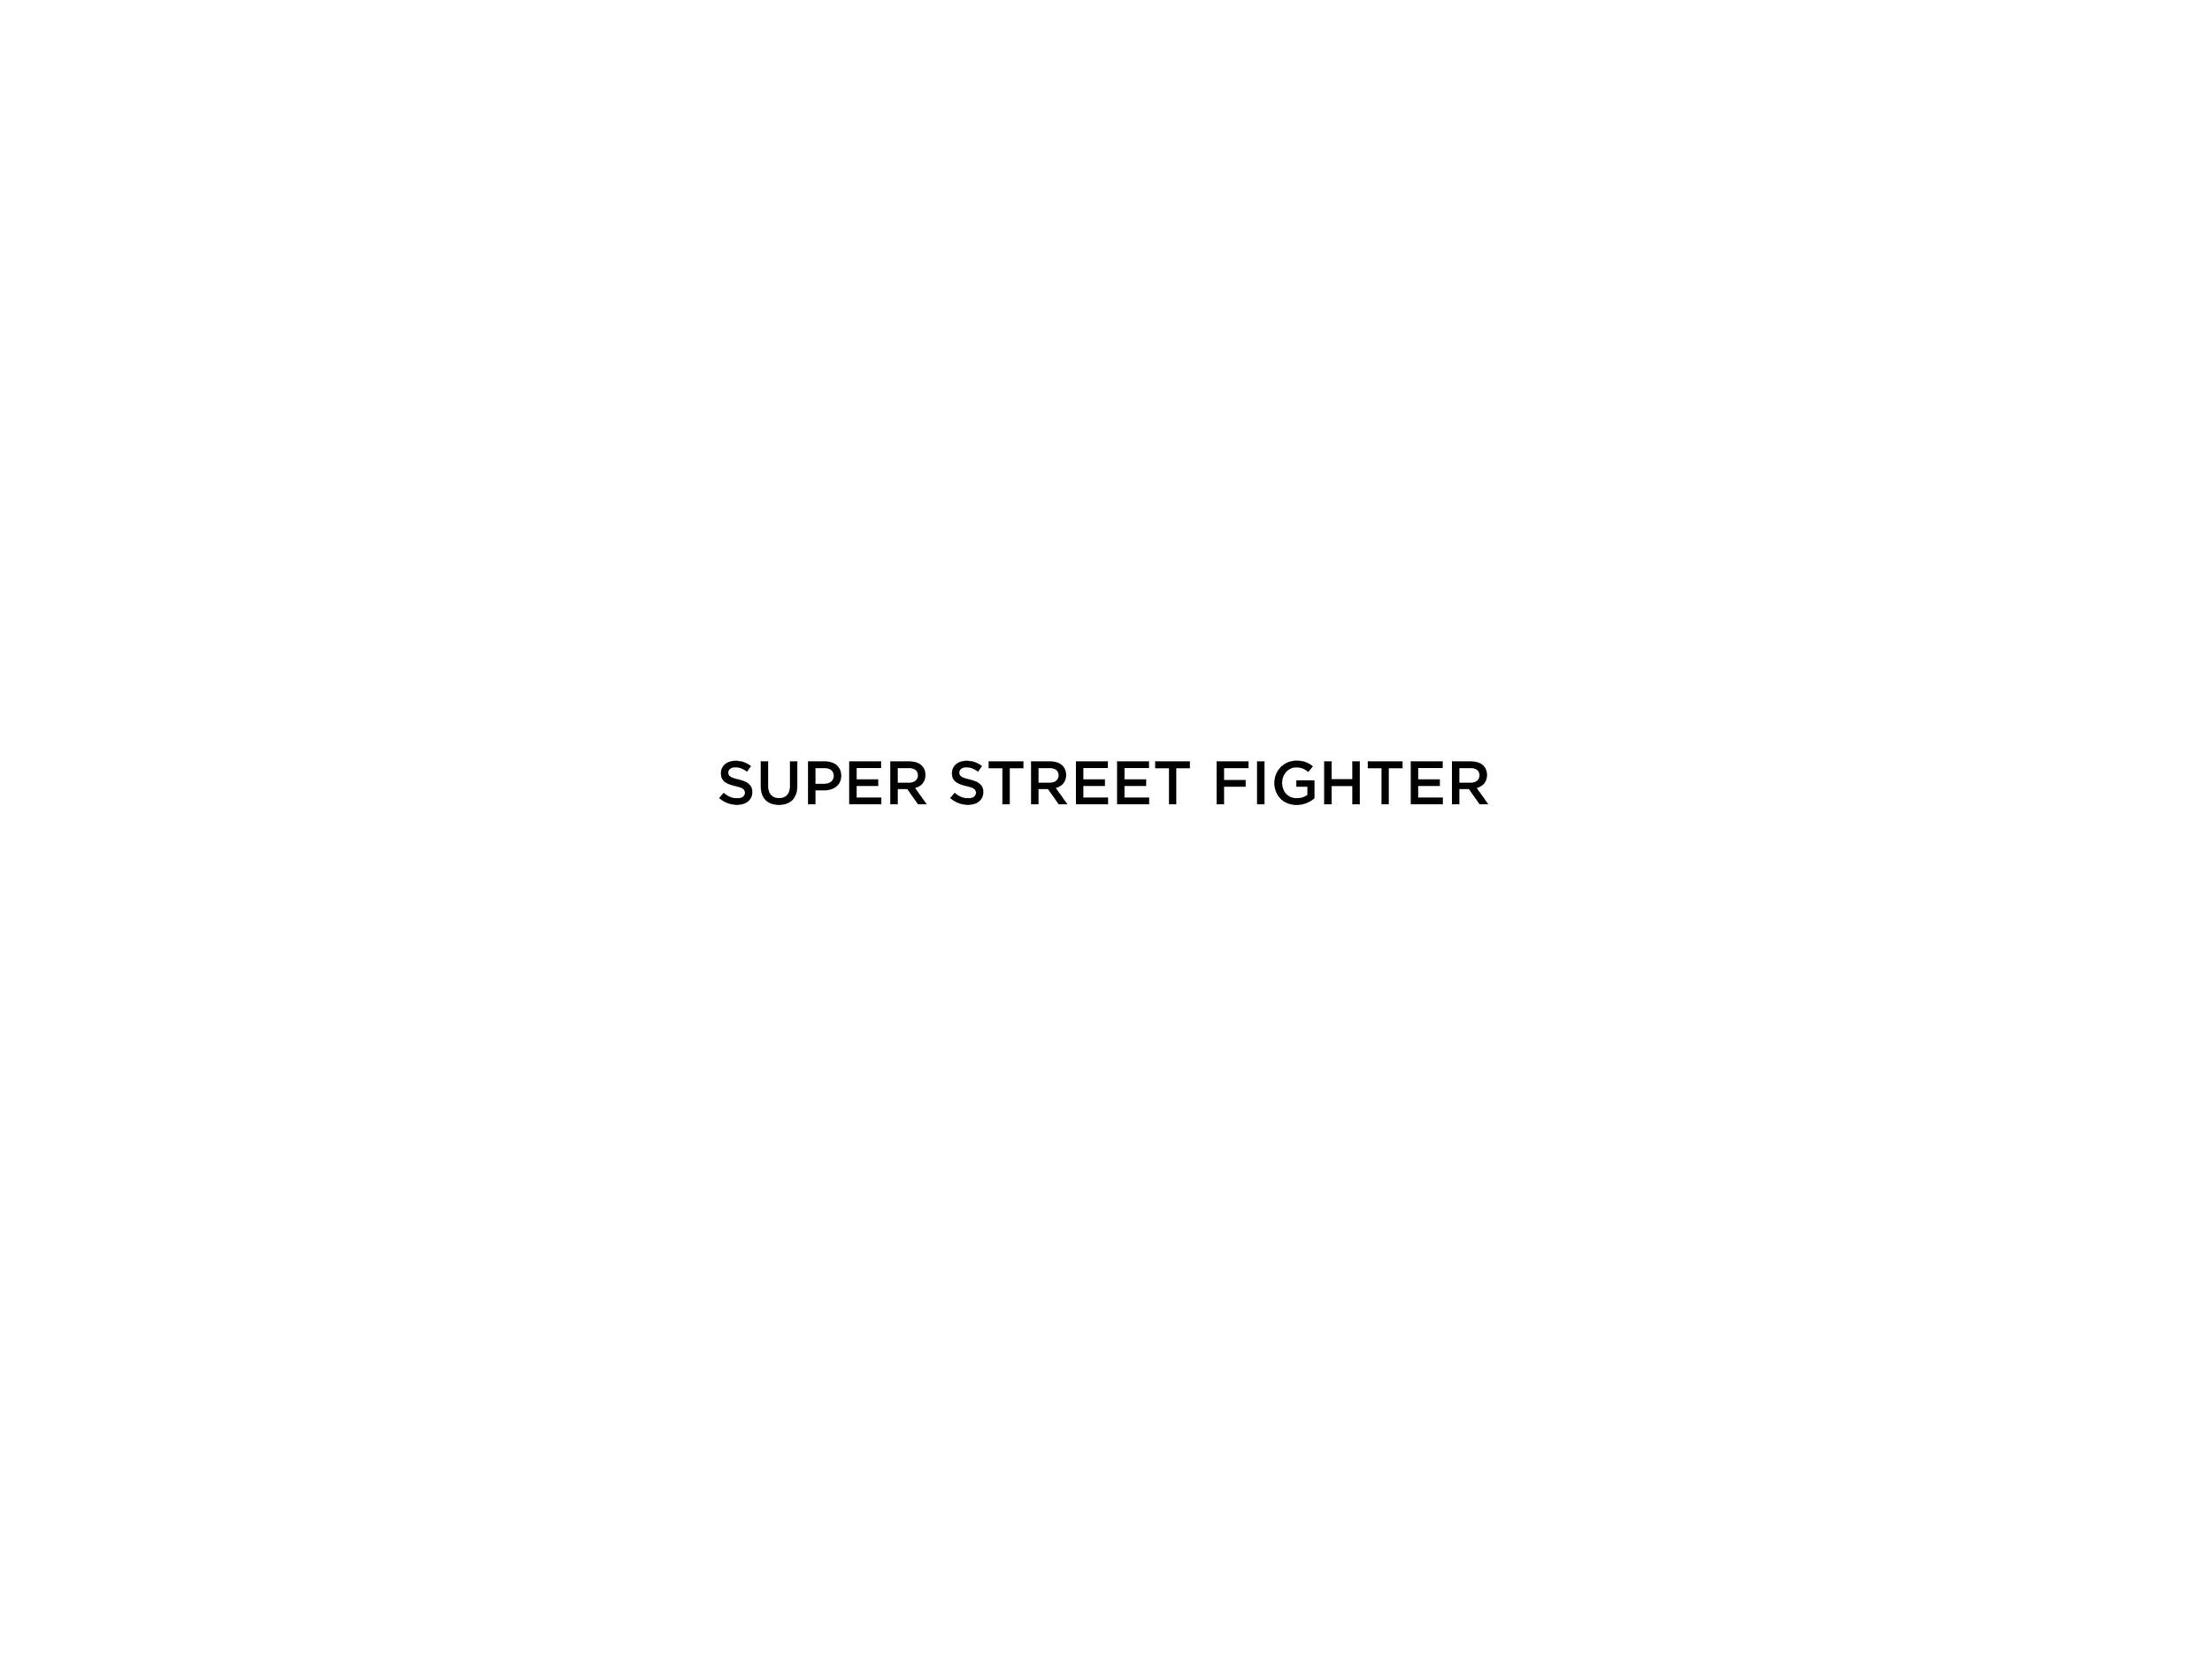 SUPER STREET FIGHTER.png